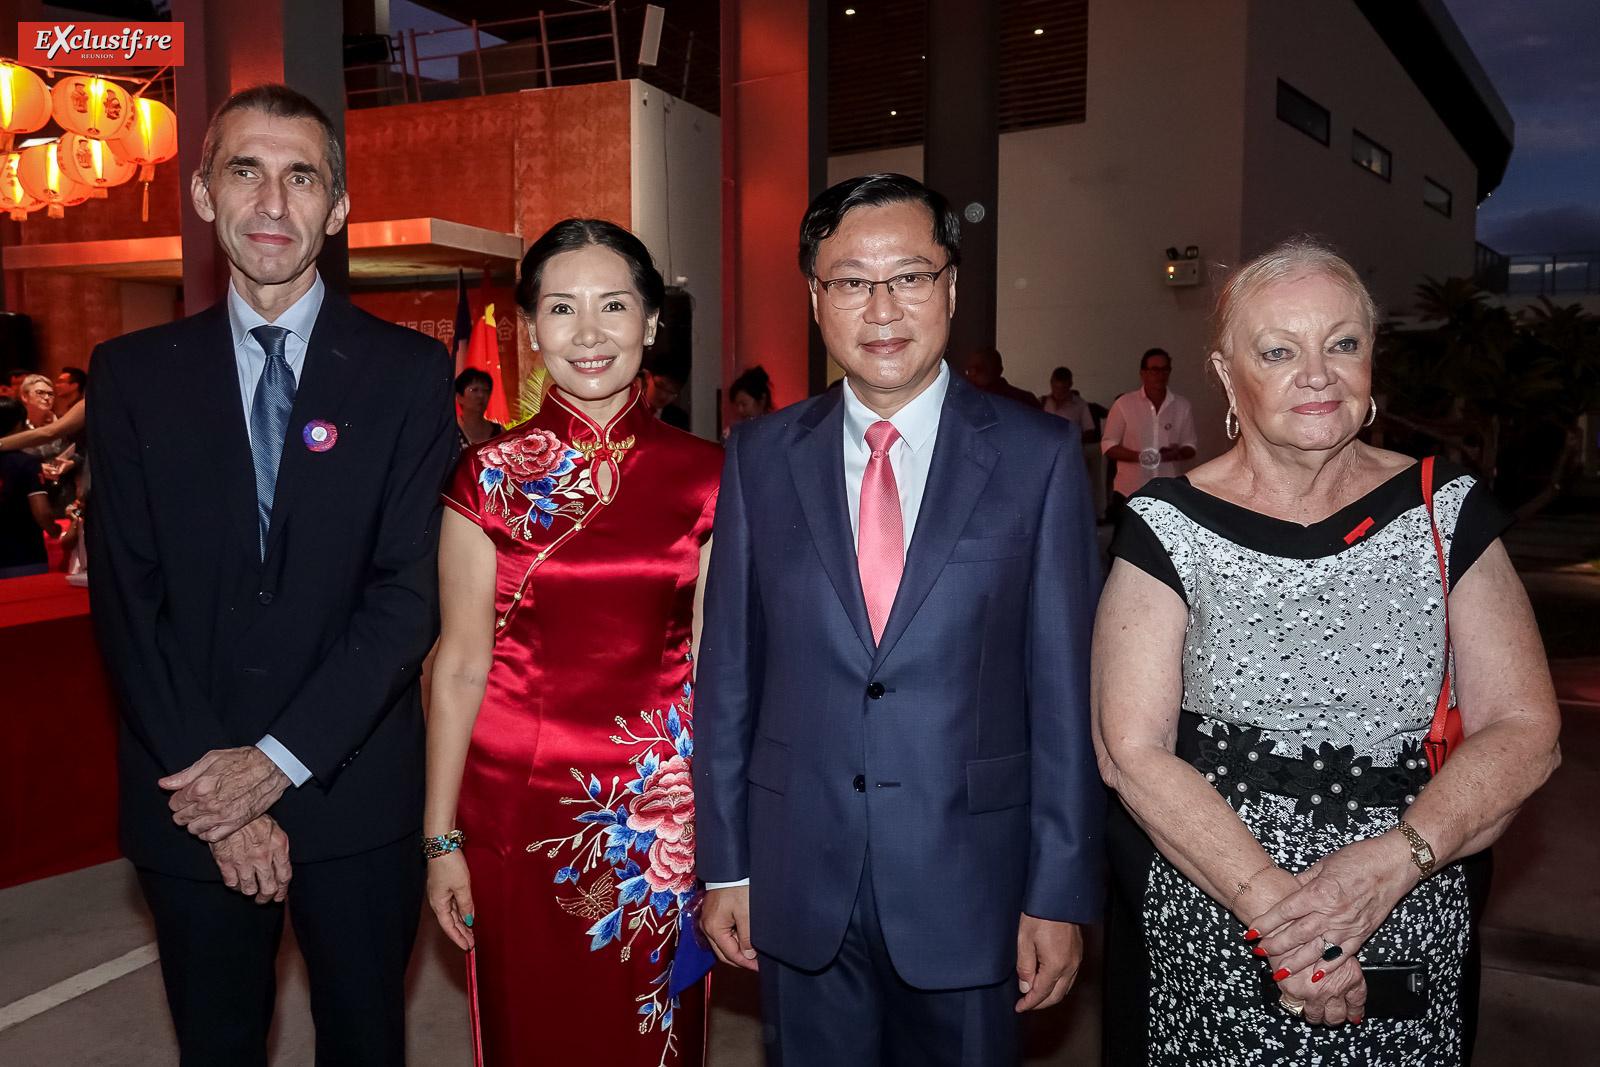 Eric Tuffery, procureur de la République de Saint-Denis, Dong Zhijiao, son époux Chen Zhihong, Consul Général de la République populaire de Chine à La Réunion, et Aude Palant-Vergoz